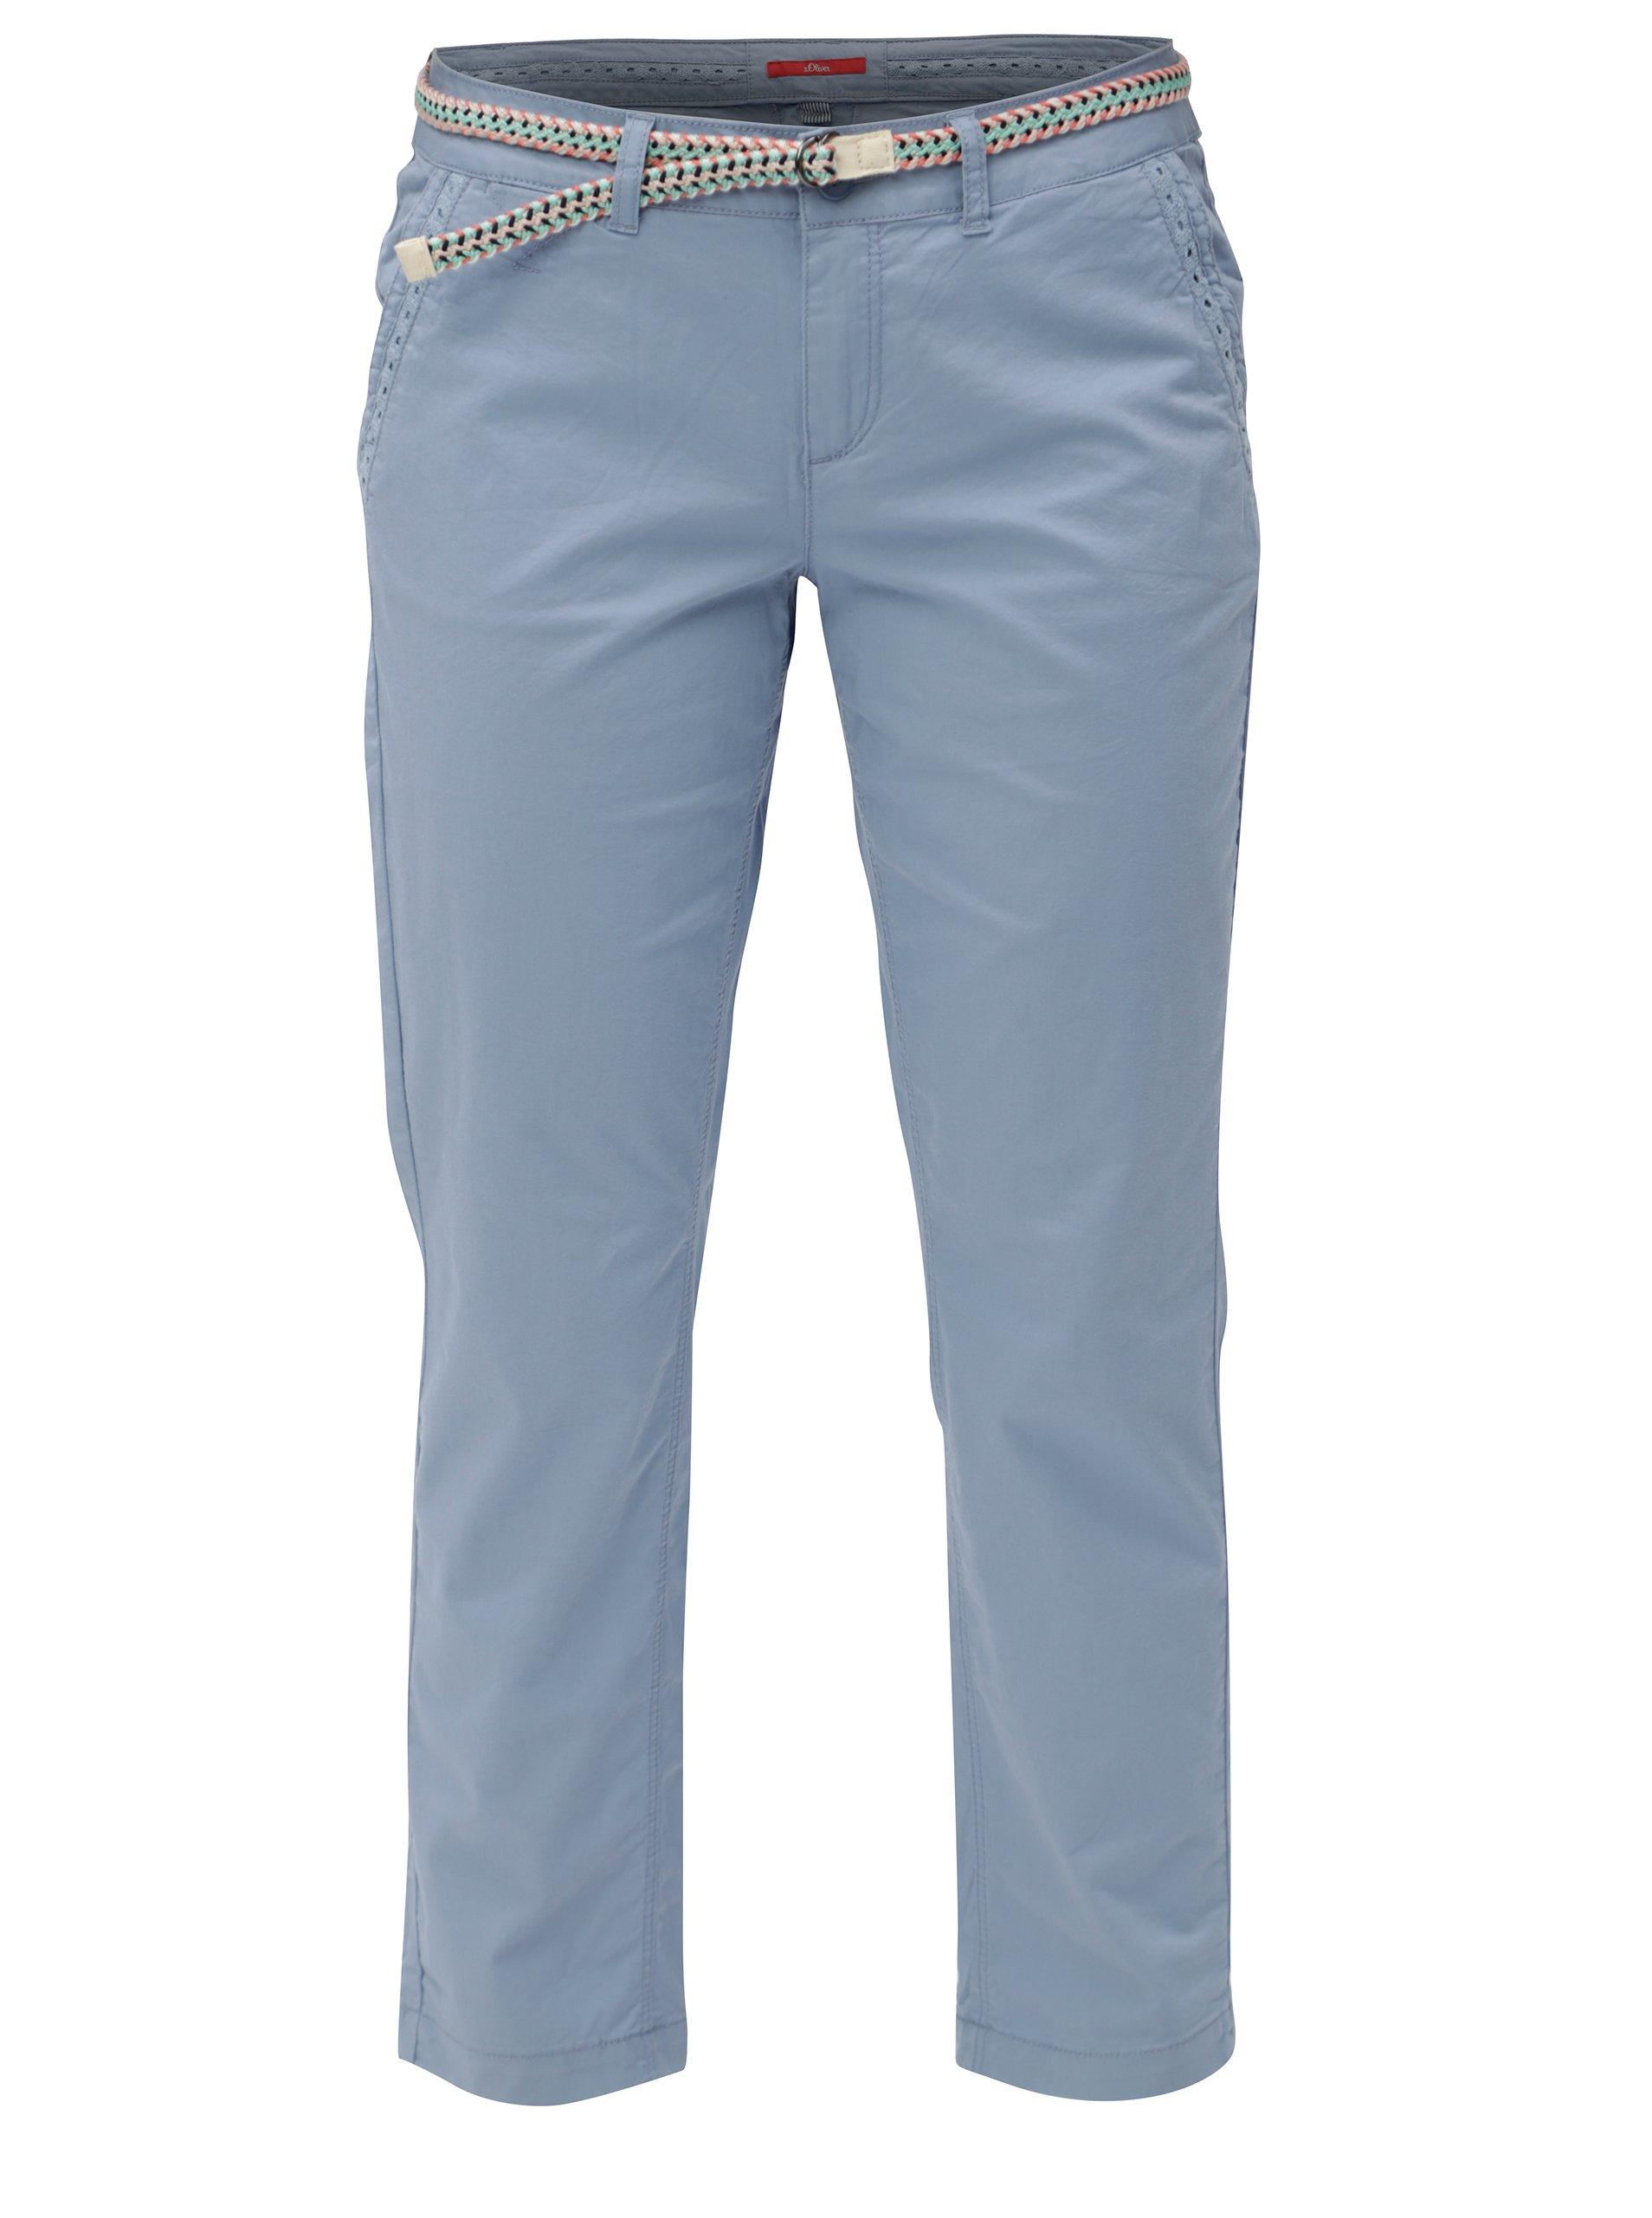 18143a0e7ca7 Modré dámske skrátené nohavice s.Oliver